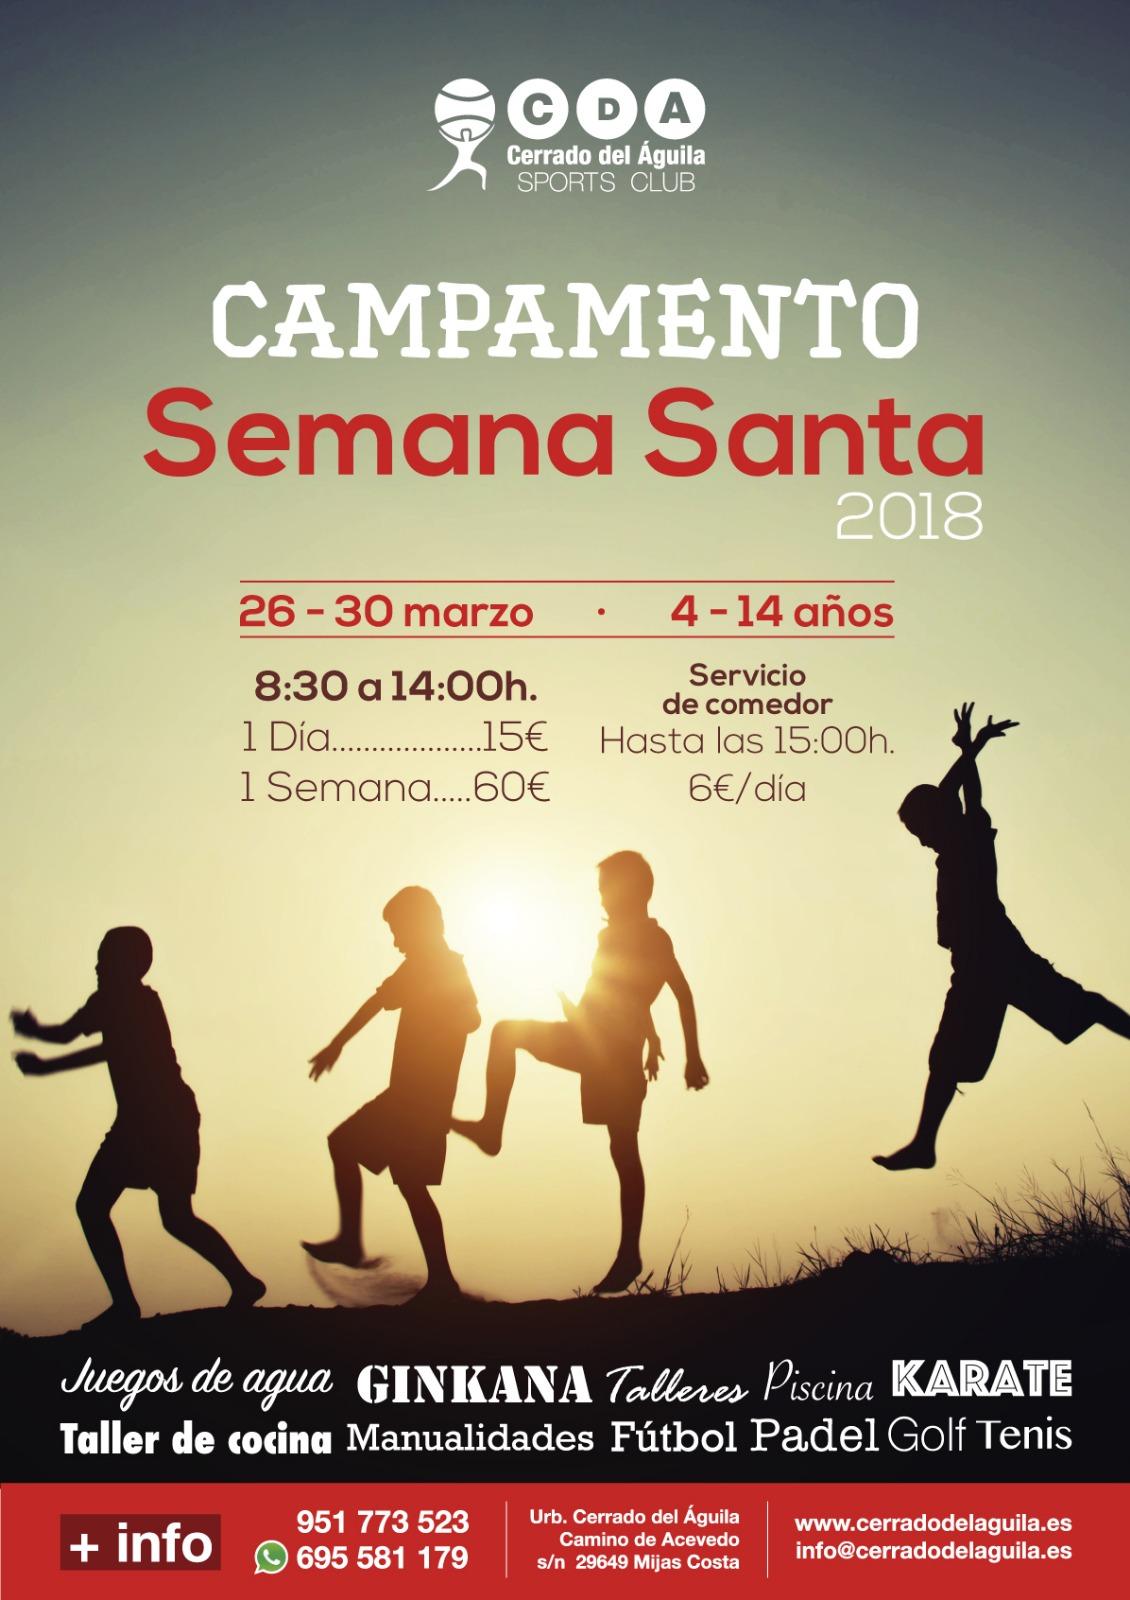 Campamento Semana Santa Cerrado del Águila 2018